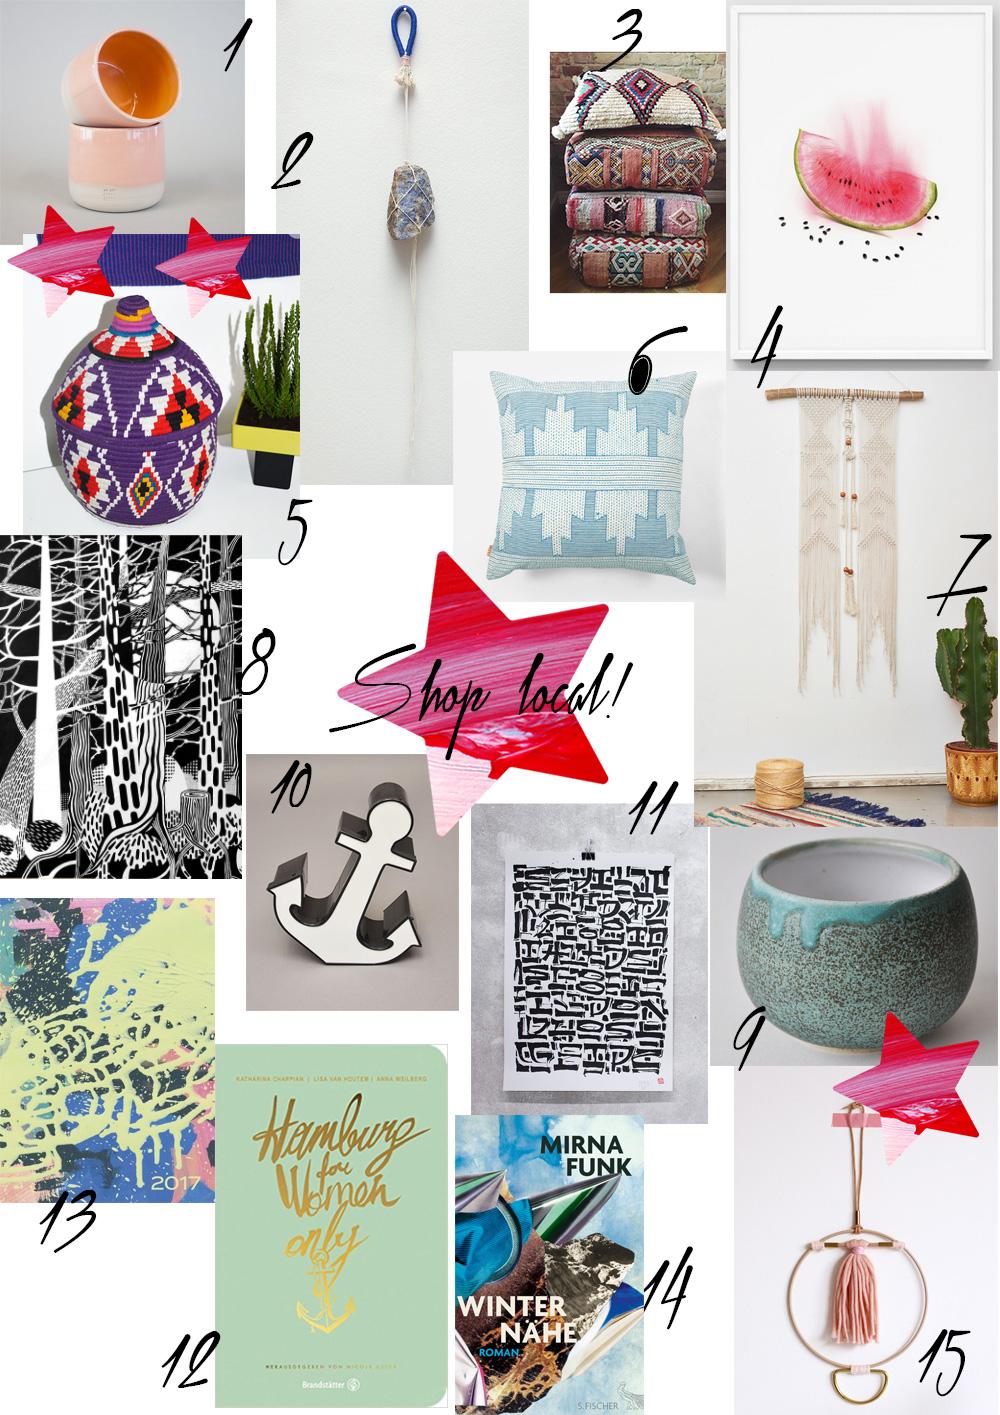 femtastics-geschenke-guide-interior